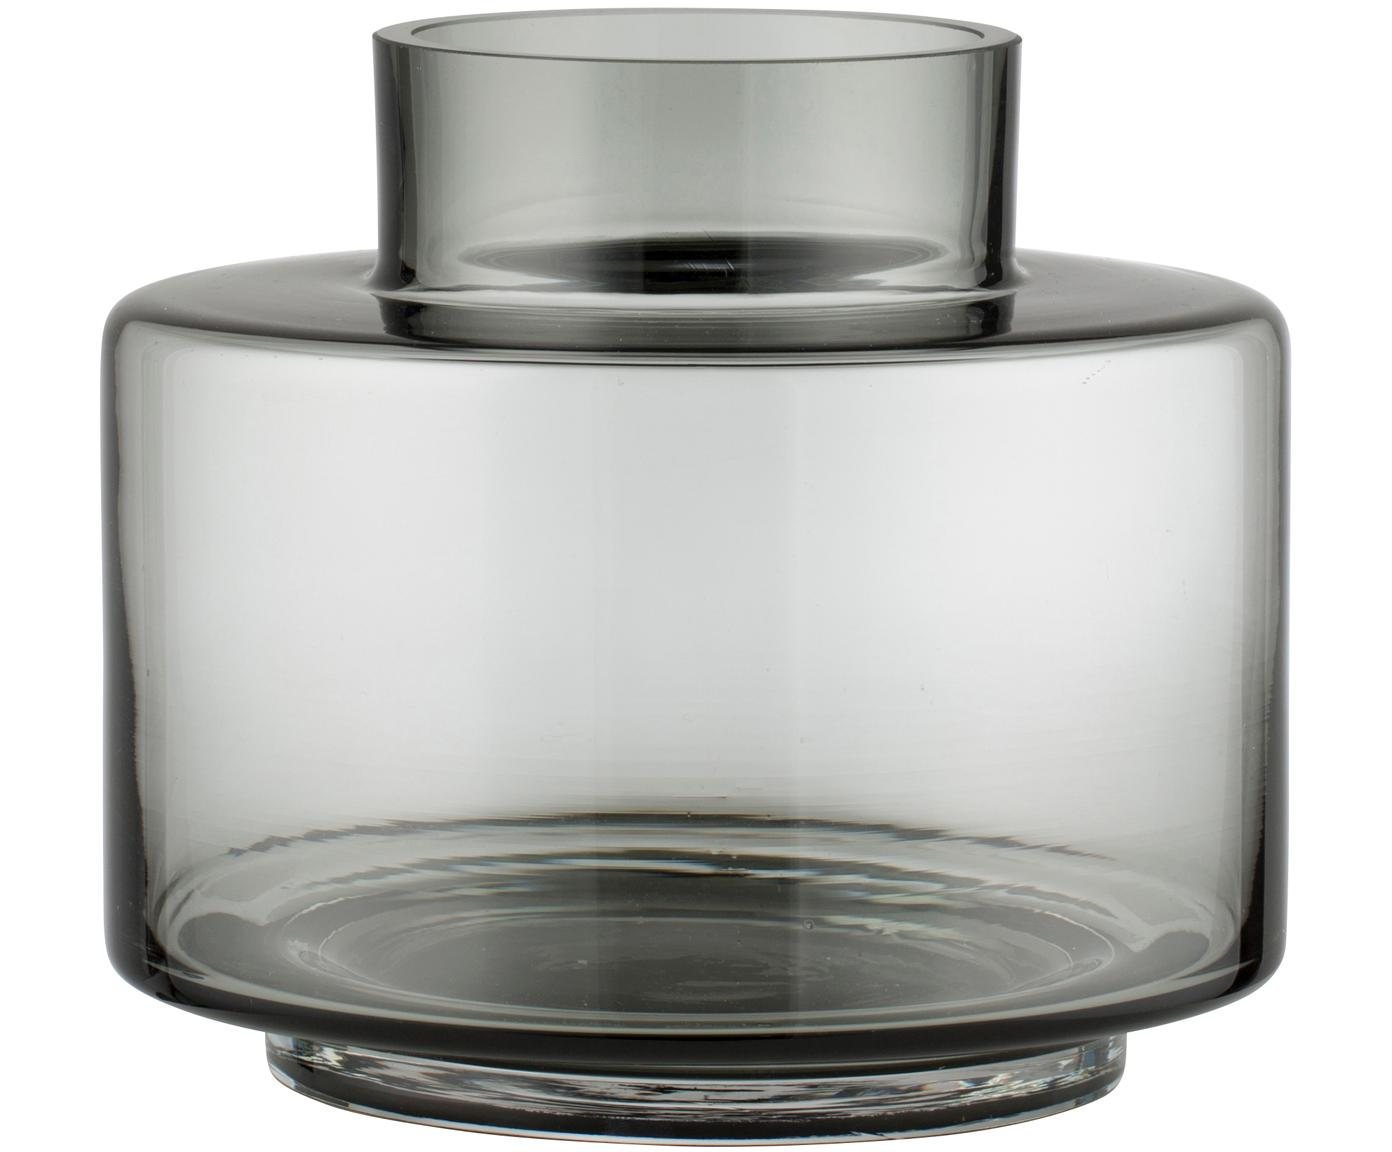 Mondgeblazen vaas Hedria, klein, Glas, Fumé, Ø 18 x H 16 cm